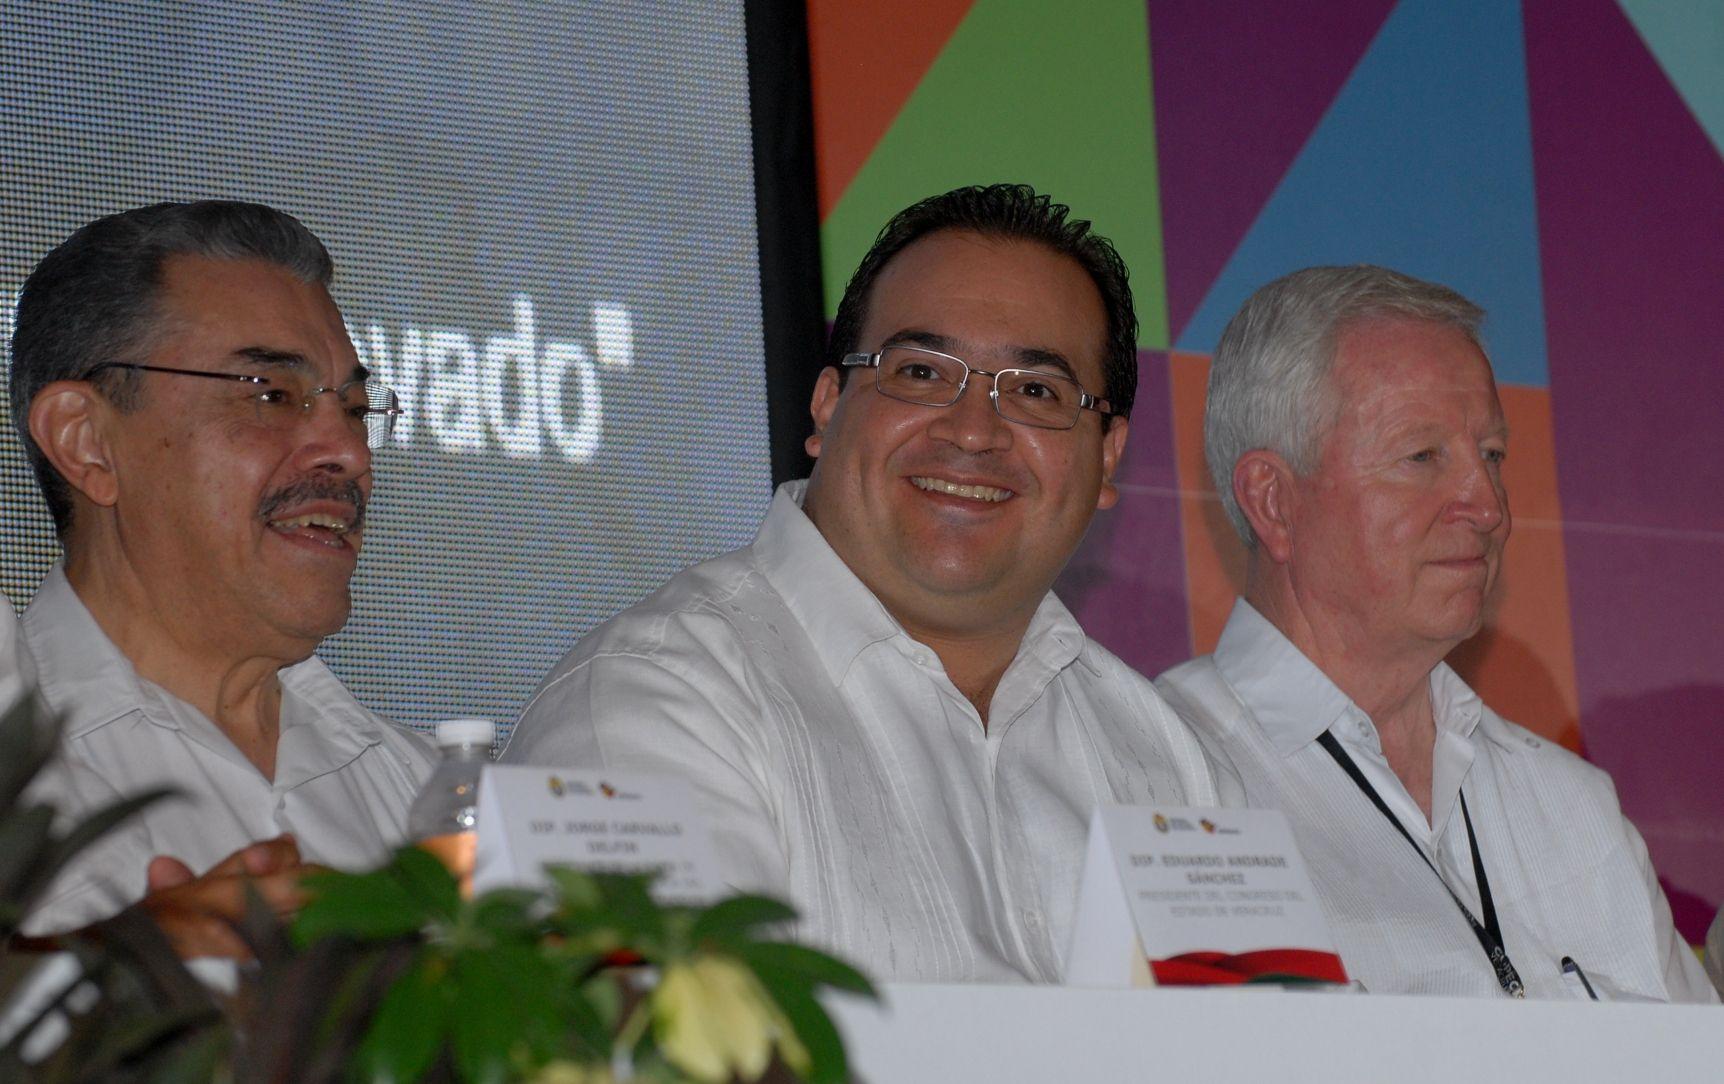 Durante la clausura de la Primera Asamblea Plenaria Copecol 2012, el gobernador Javier Duarte de Ochoa refirió que la creación de leyes en México entra en una nueva fase de la historia en la que los diputados se consolidarán como factores de impulso a la vida próspera de sus pueblos.